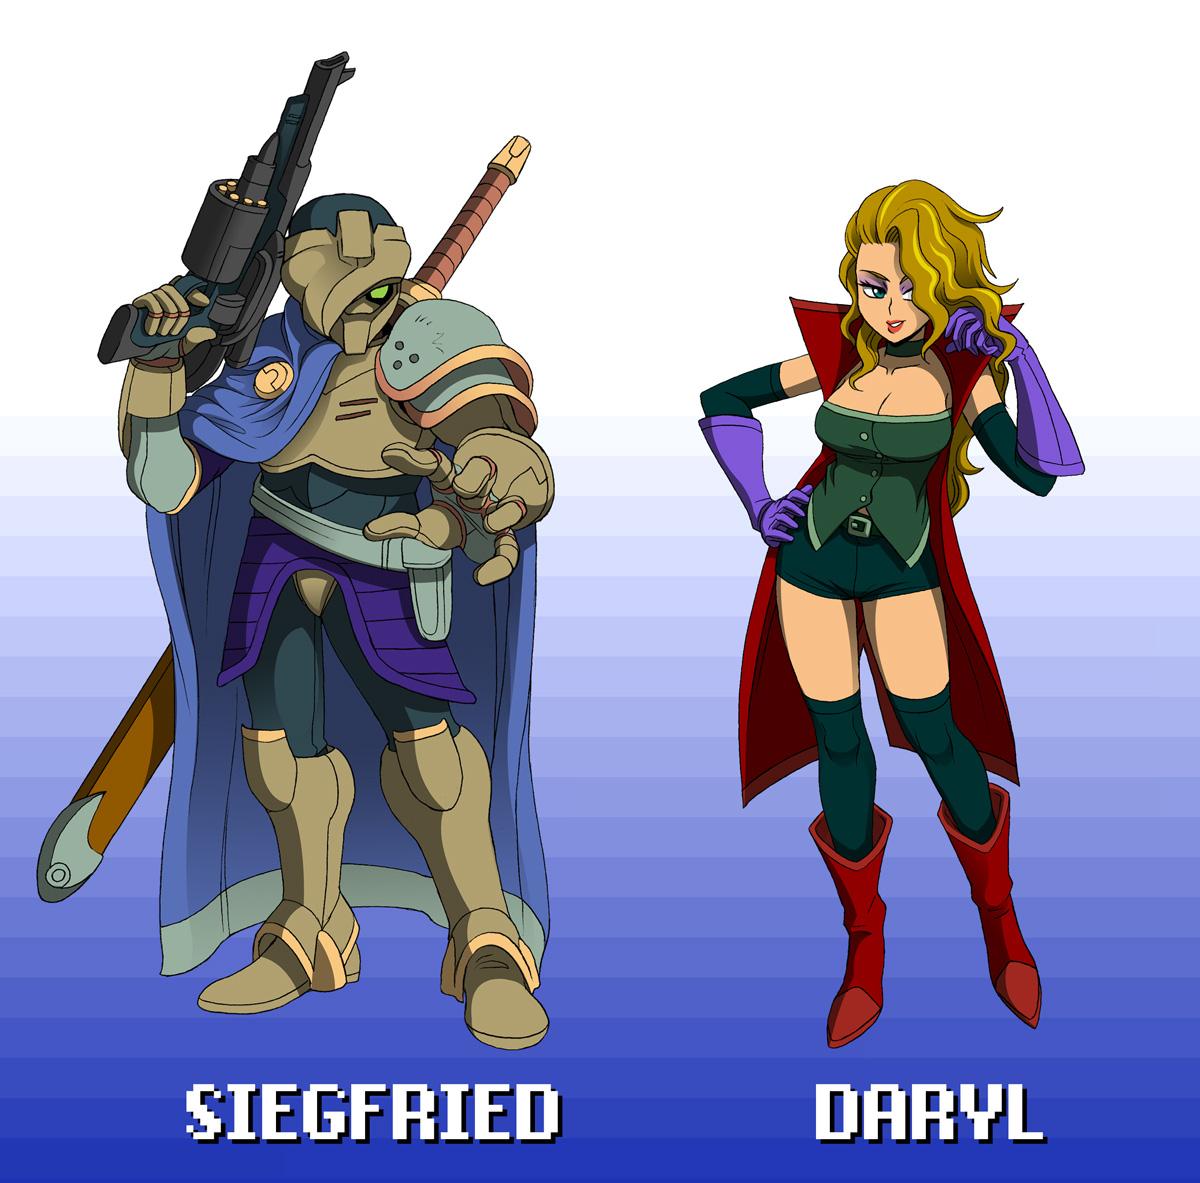 Siegfried and Daryl by ObstinateMelon